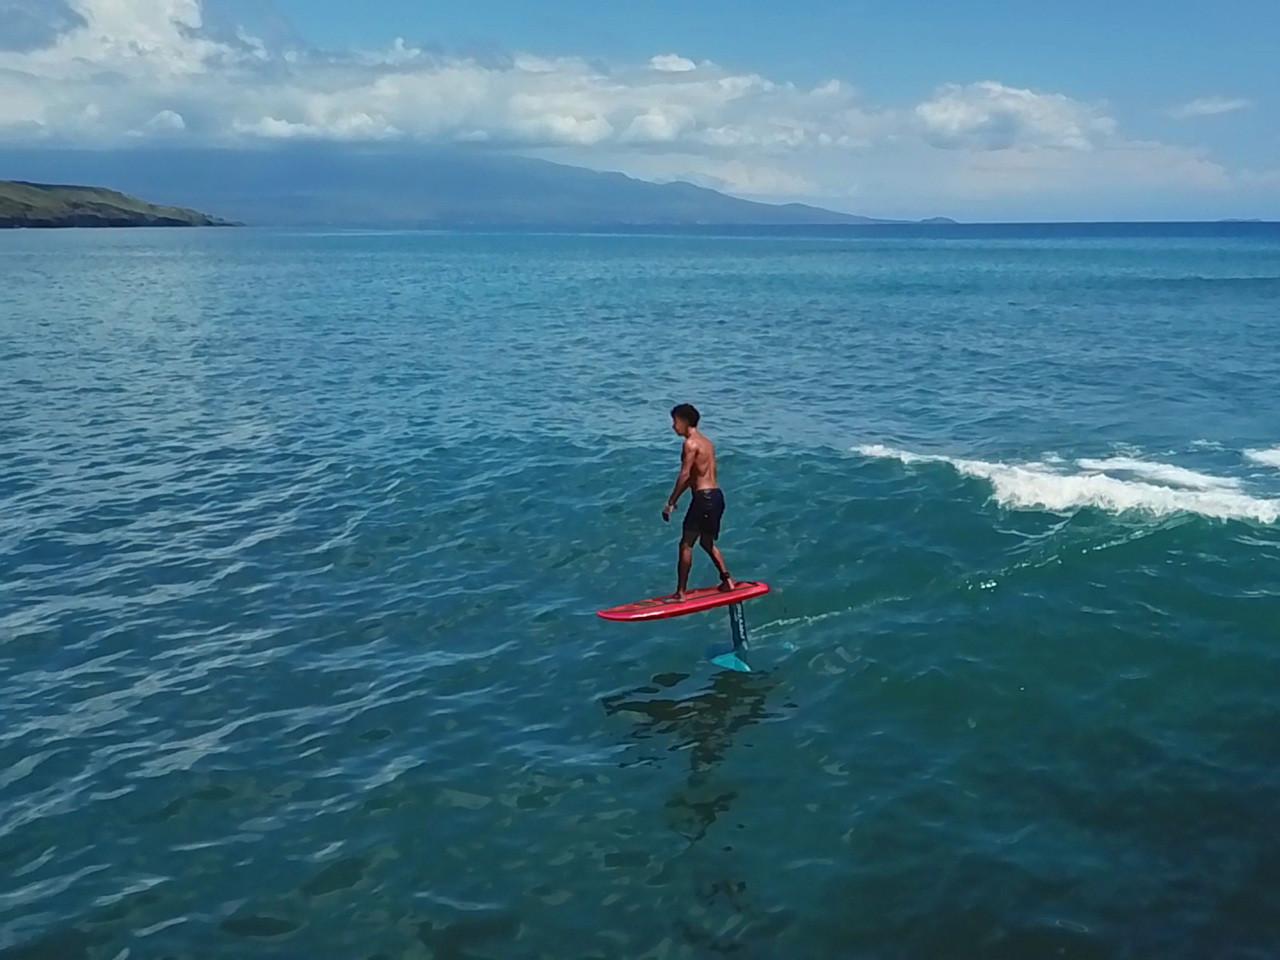 2019 Jp Australia Foil Prone Surfboard